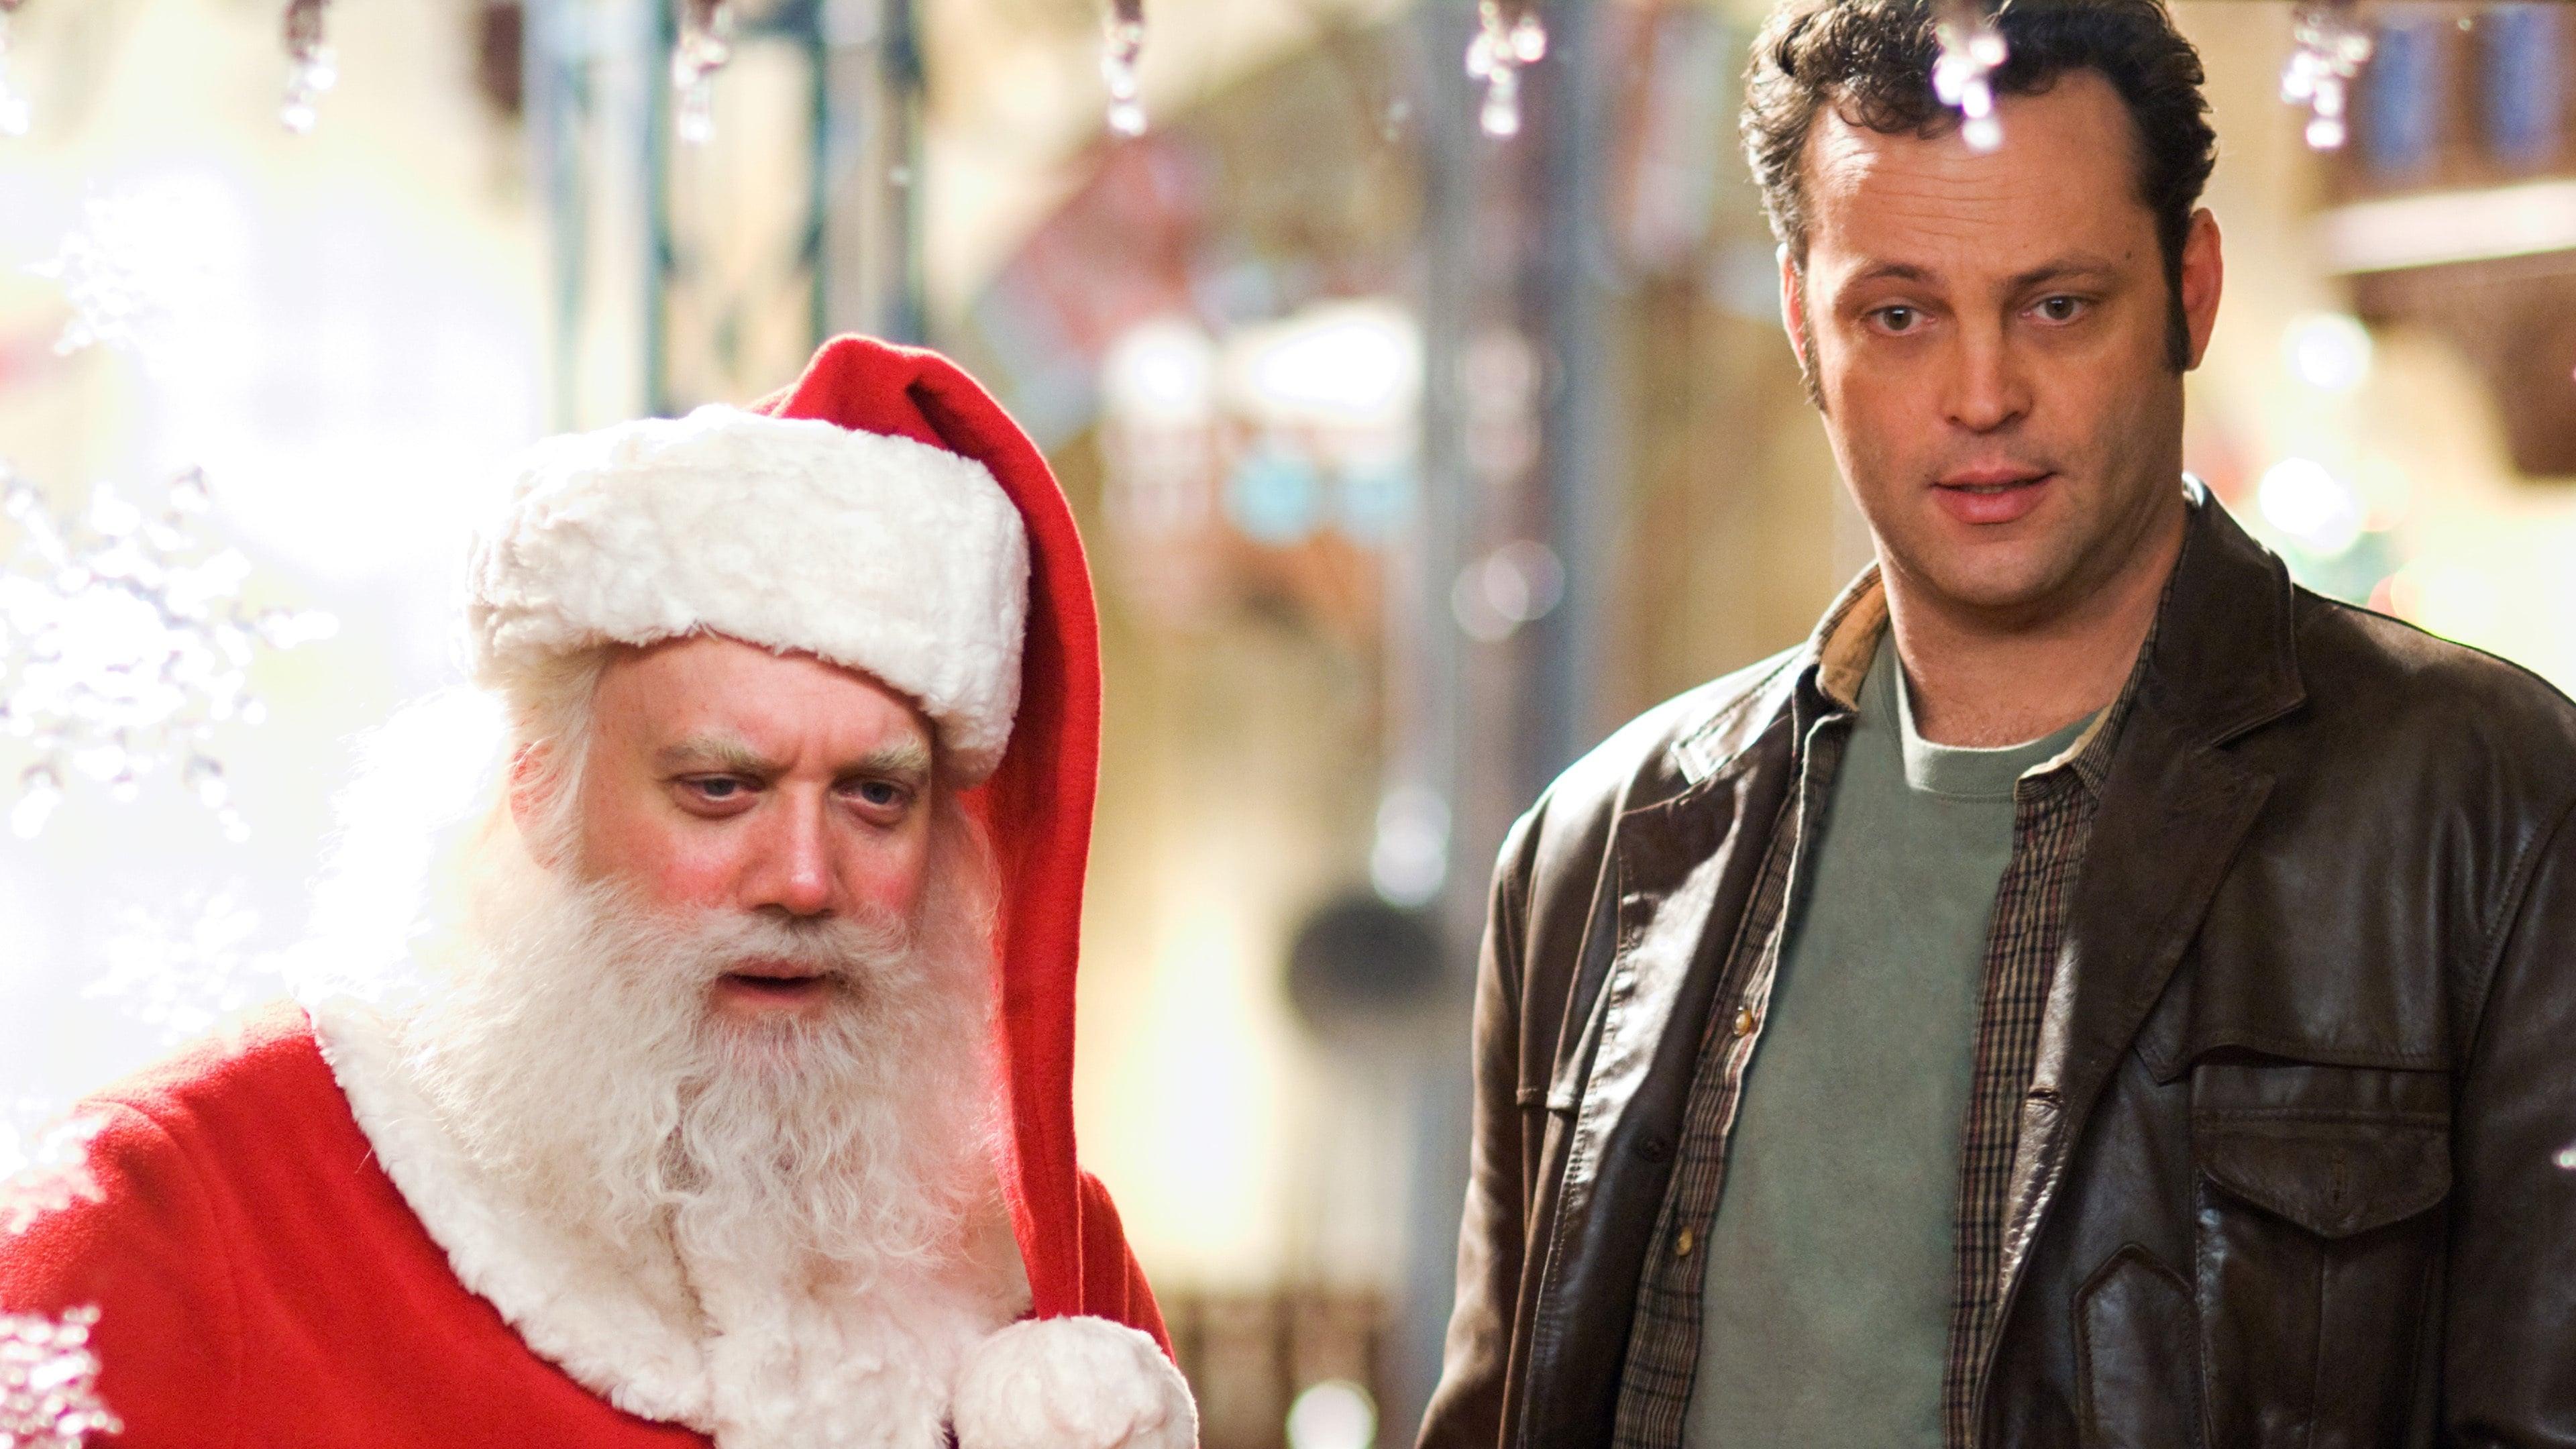 El hermano de Santa